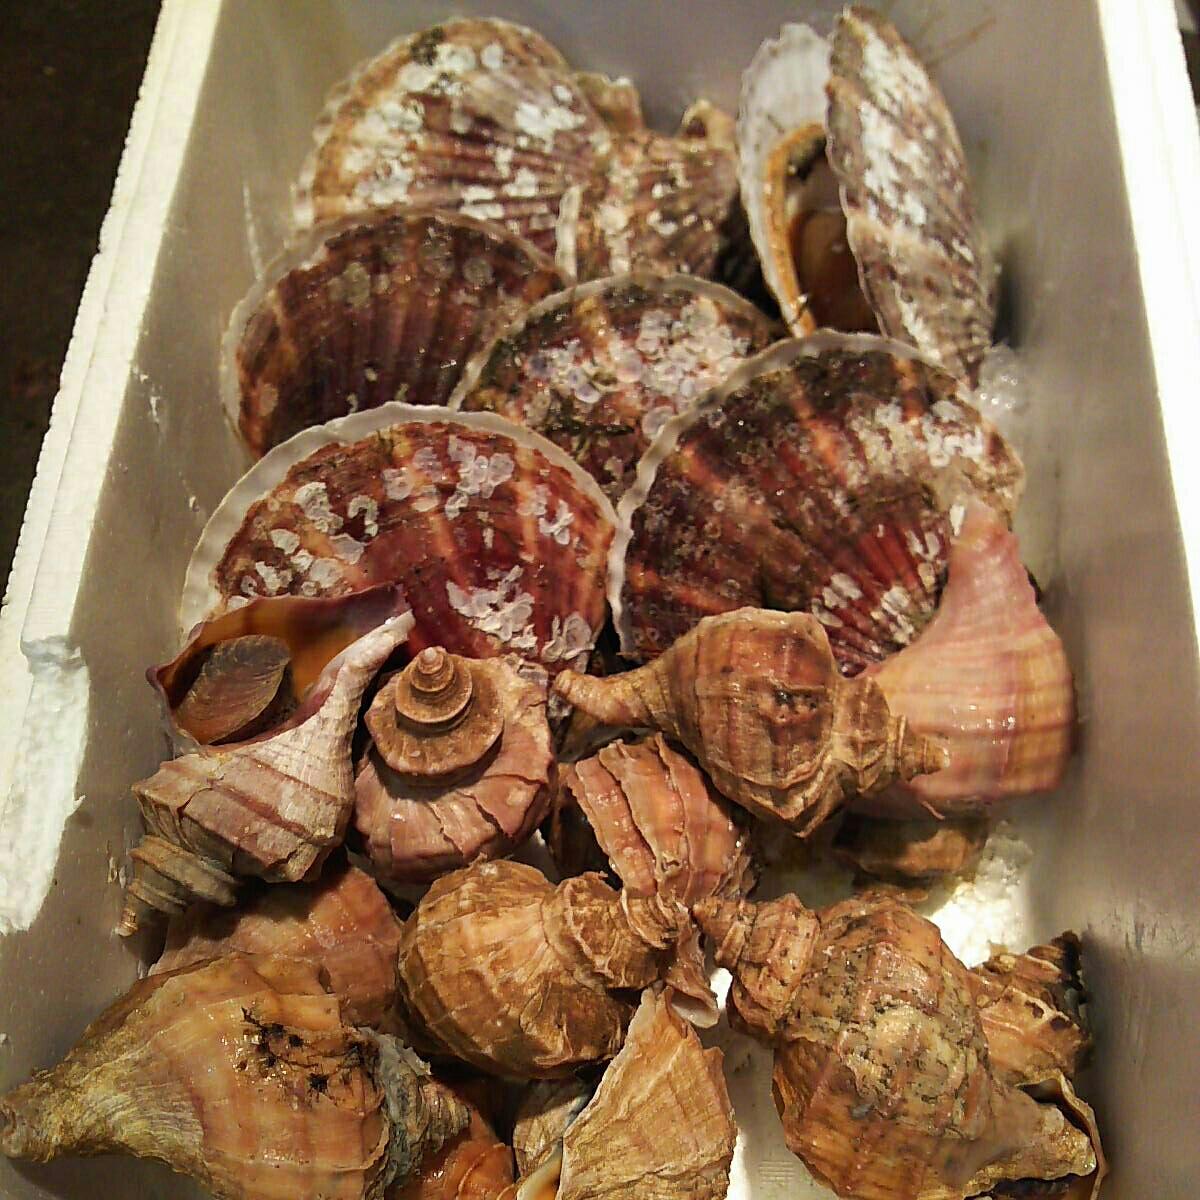 殻ホタテ貝7個大きめつぶかい1.7キロ一箱セット。写真の生を冷凍させてあります。さまざまなお料理にどうぞ!